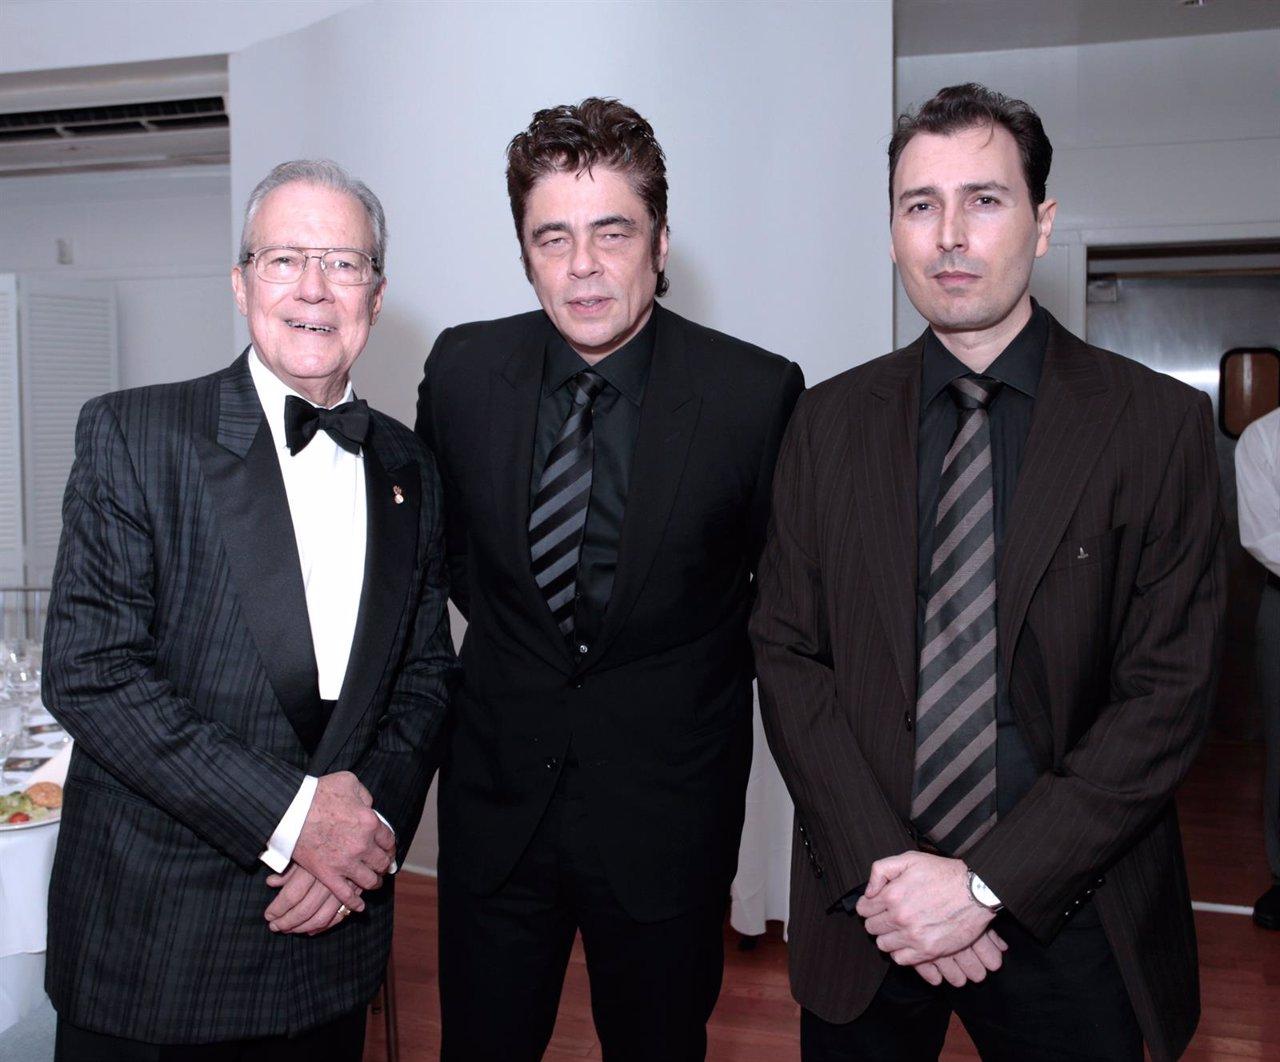 Benicio del Toro, Andy García y Manolo Garcí-Oliva, presidente de HOLA